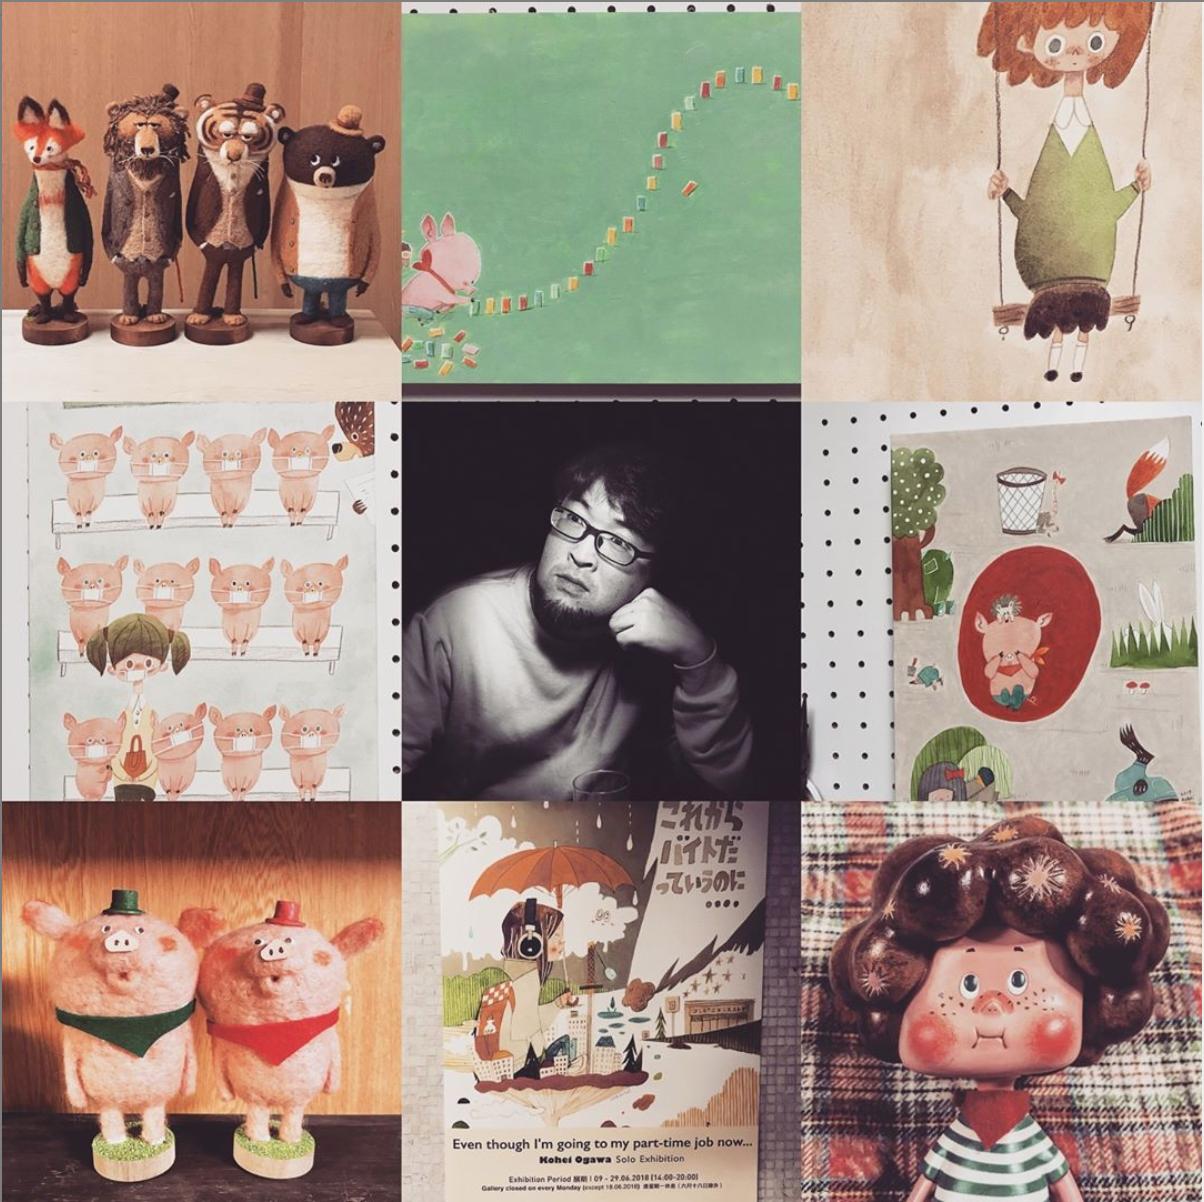 【展覽活動】小川耕平 作品展-喜歡繪本動物羊毛氈作品的朋友不要錯過喔!